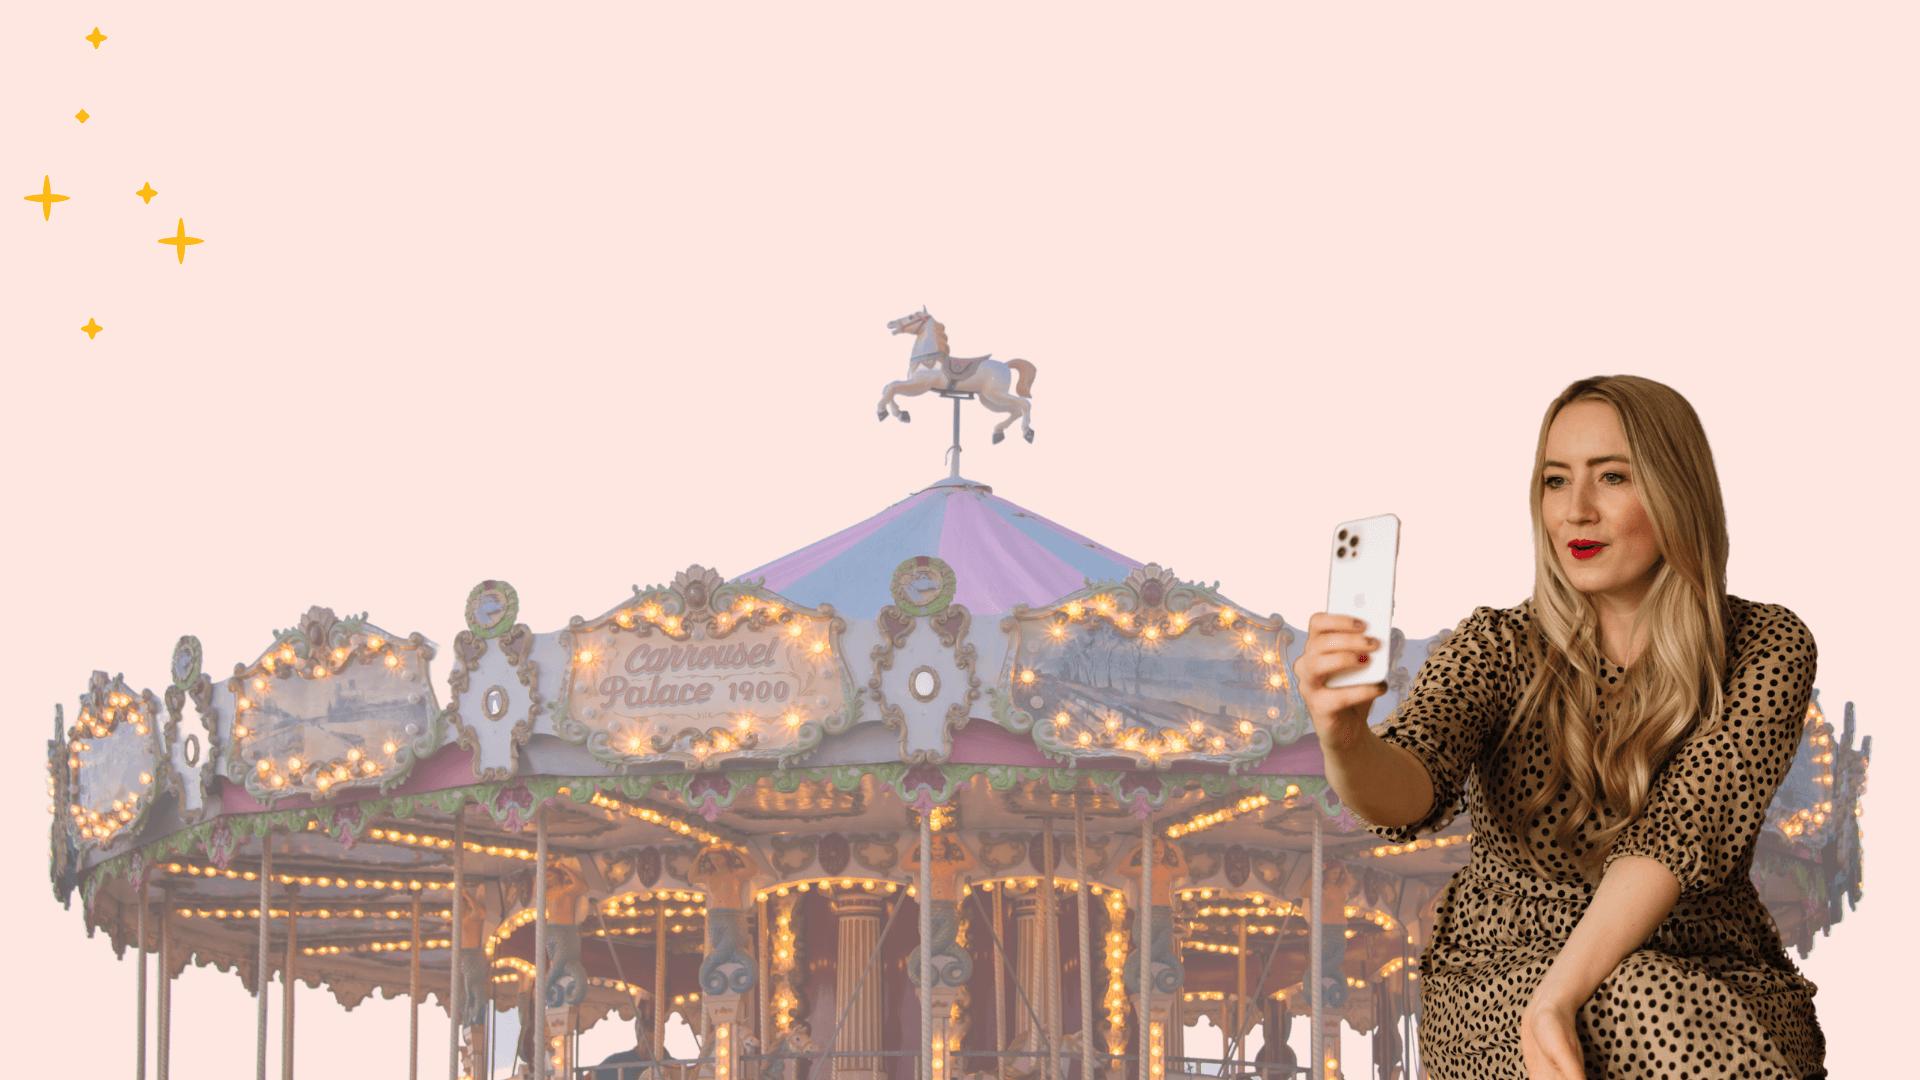 Großes Karussell vor rosafarbenem Hintergrund und Jessica, wie sie ihr in Handy guckt